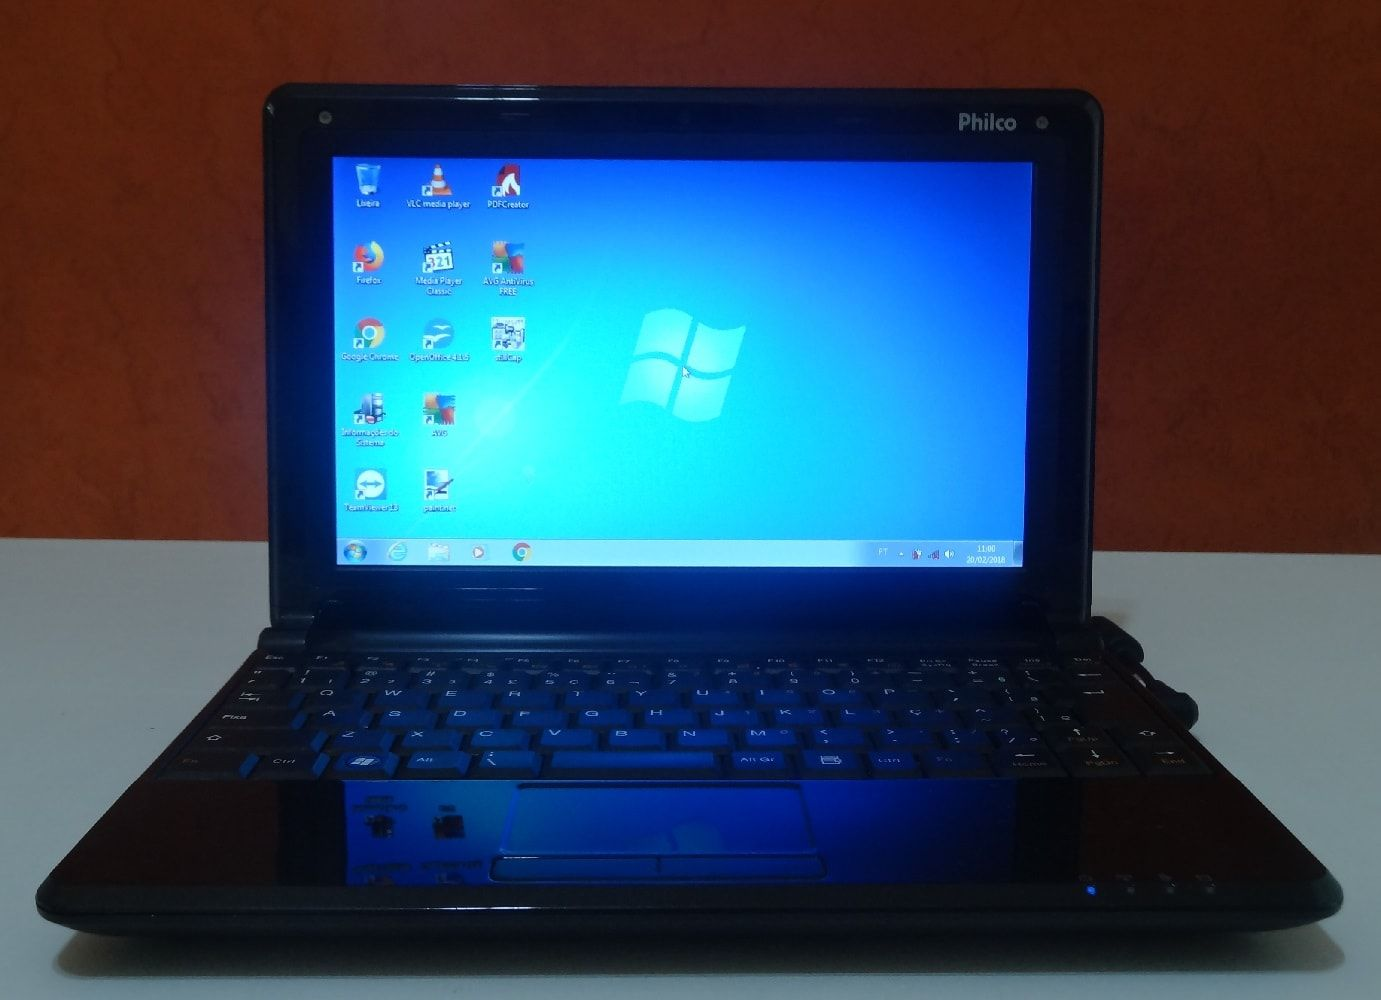 Netbook Philco PHN 10201 10.1